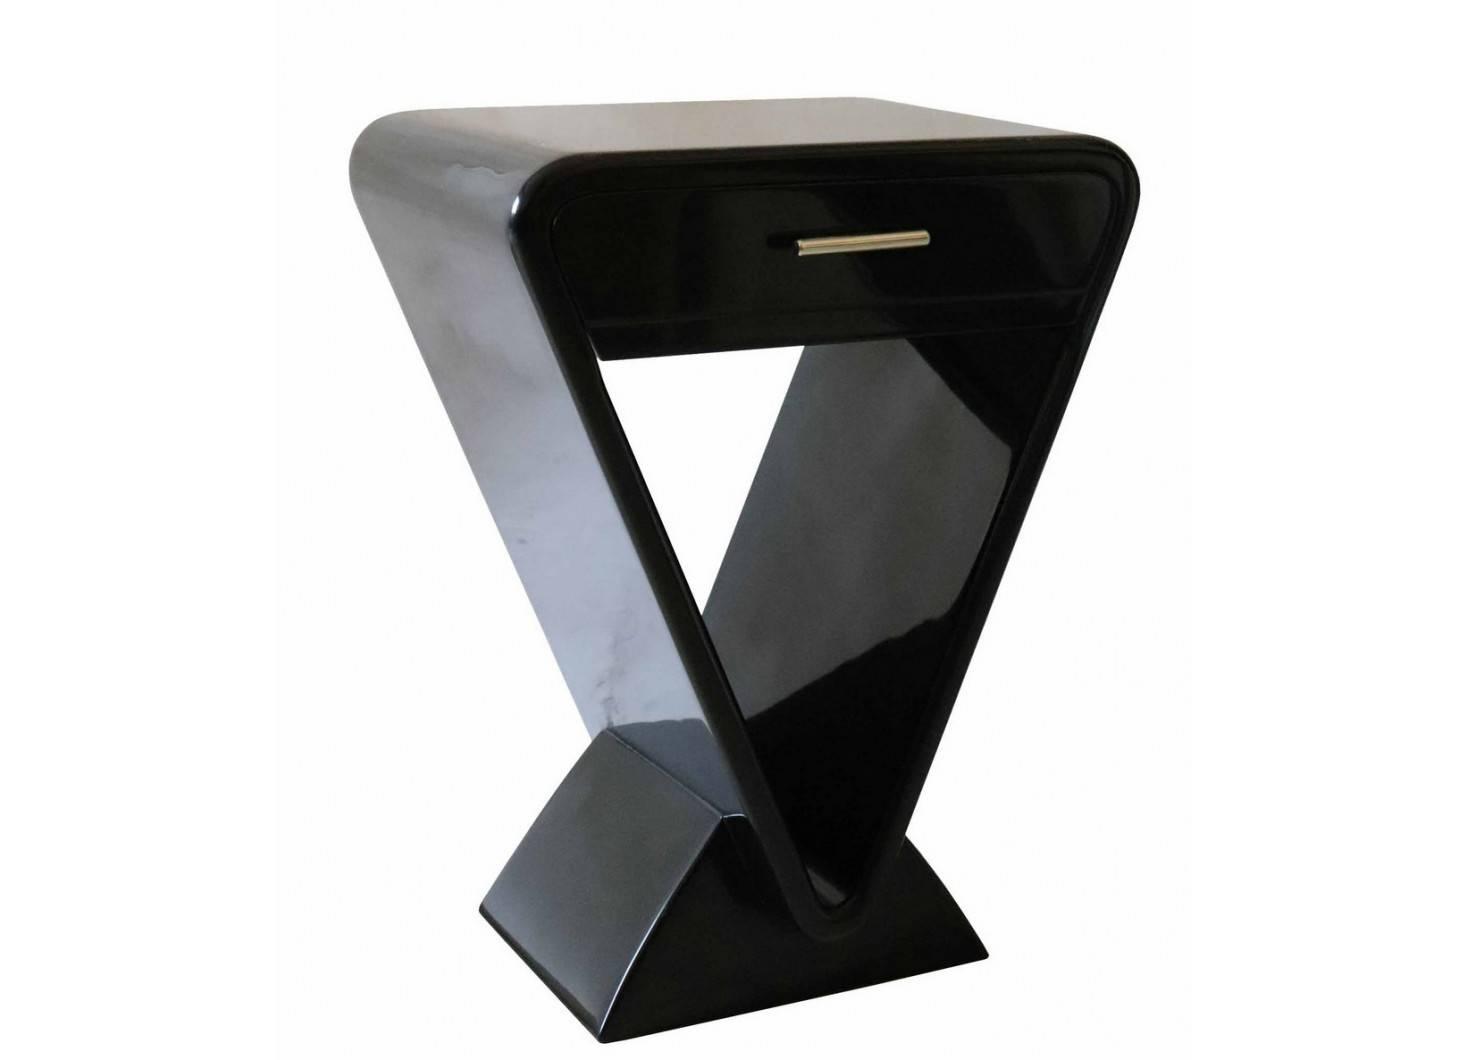 Chevet Icône vernis noyer - 1 tiroir